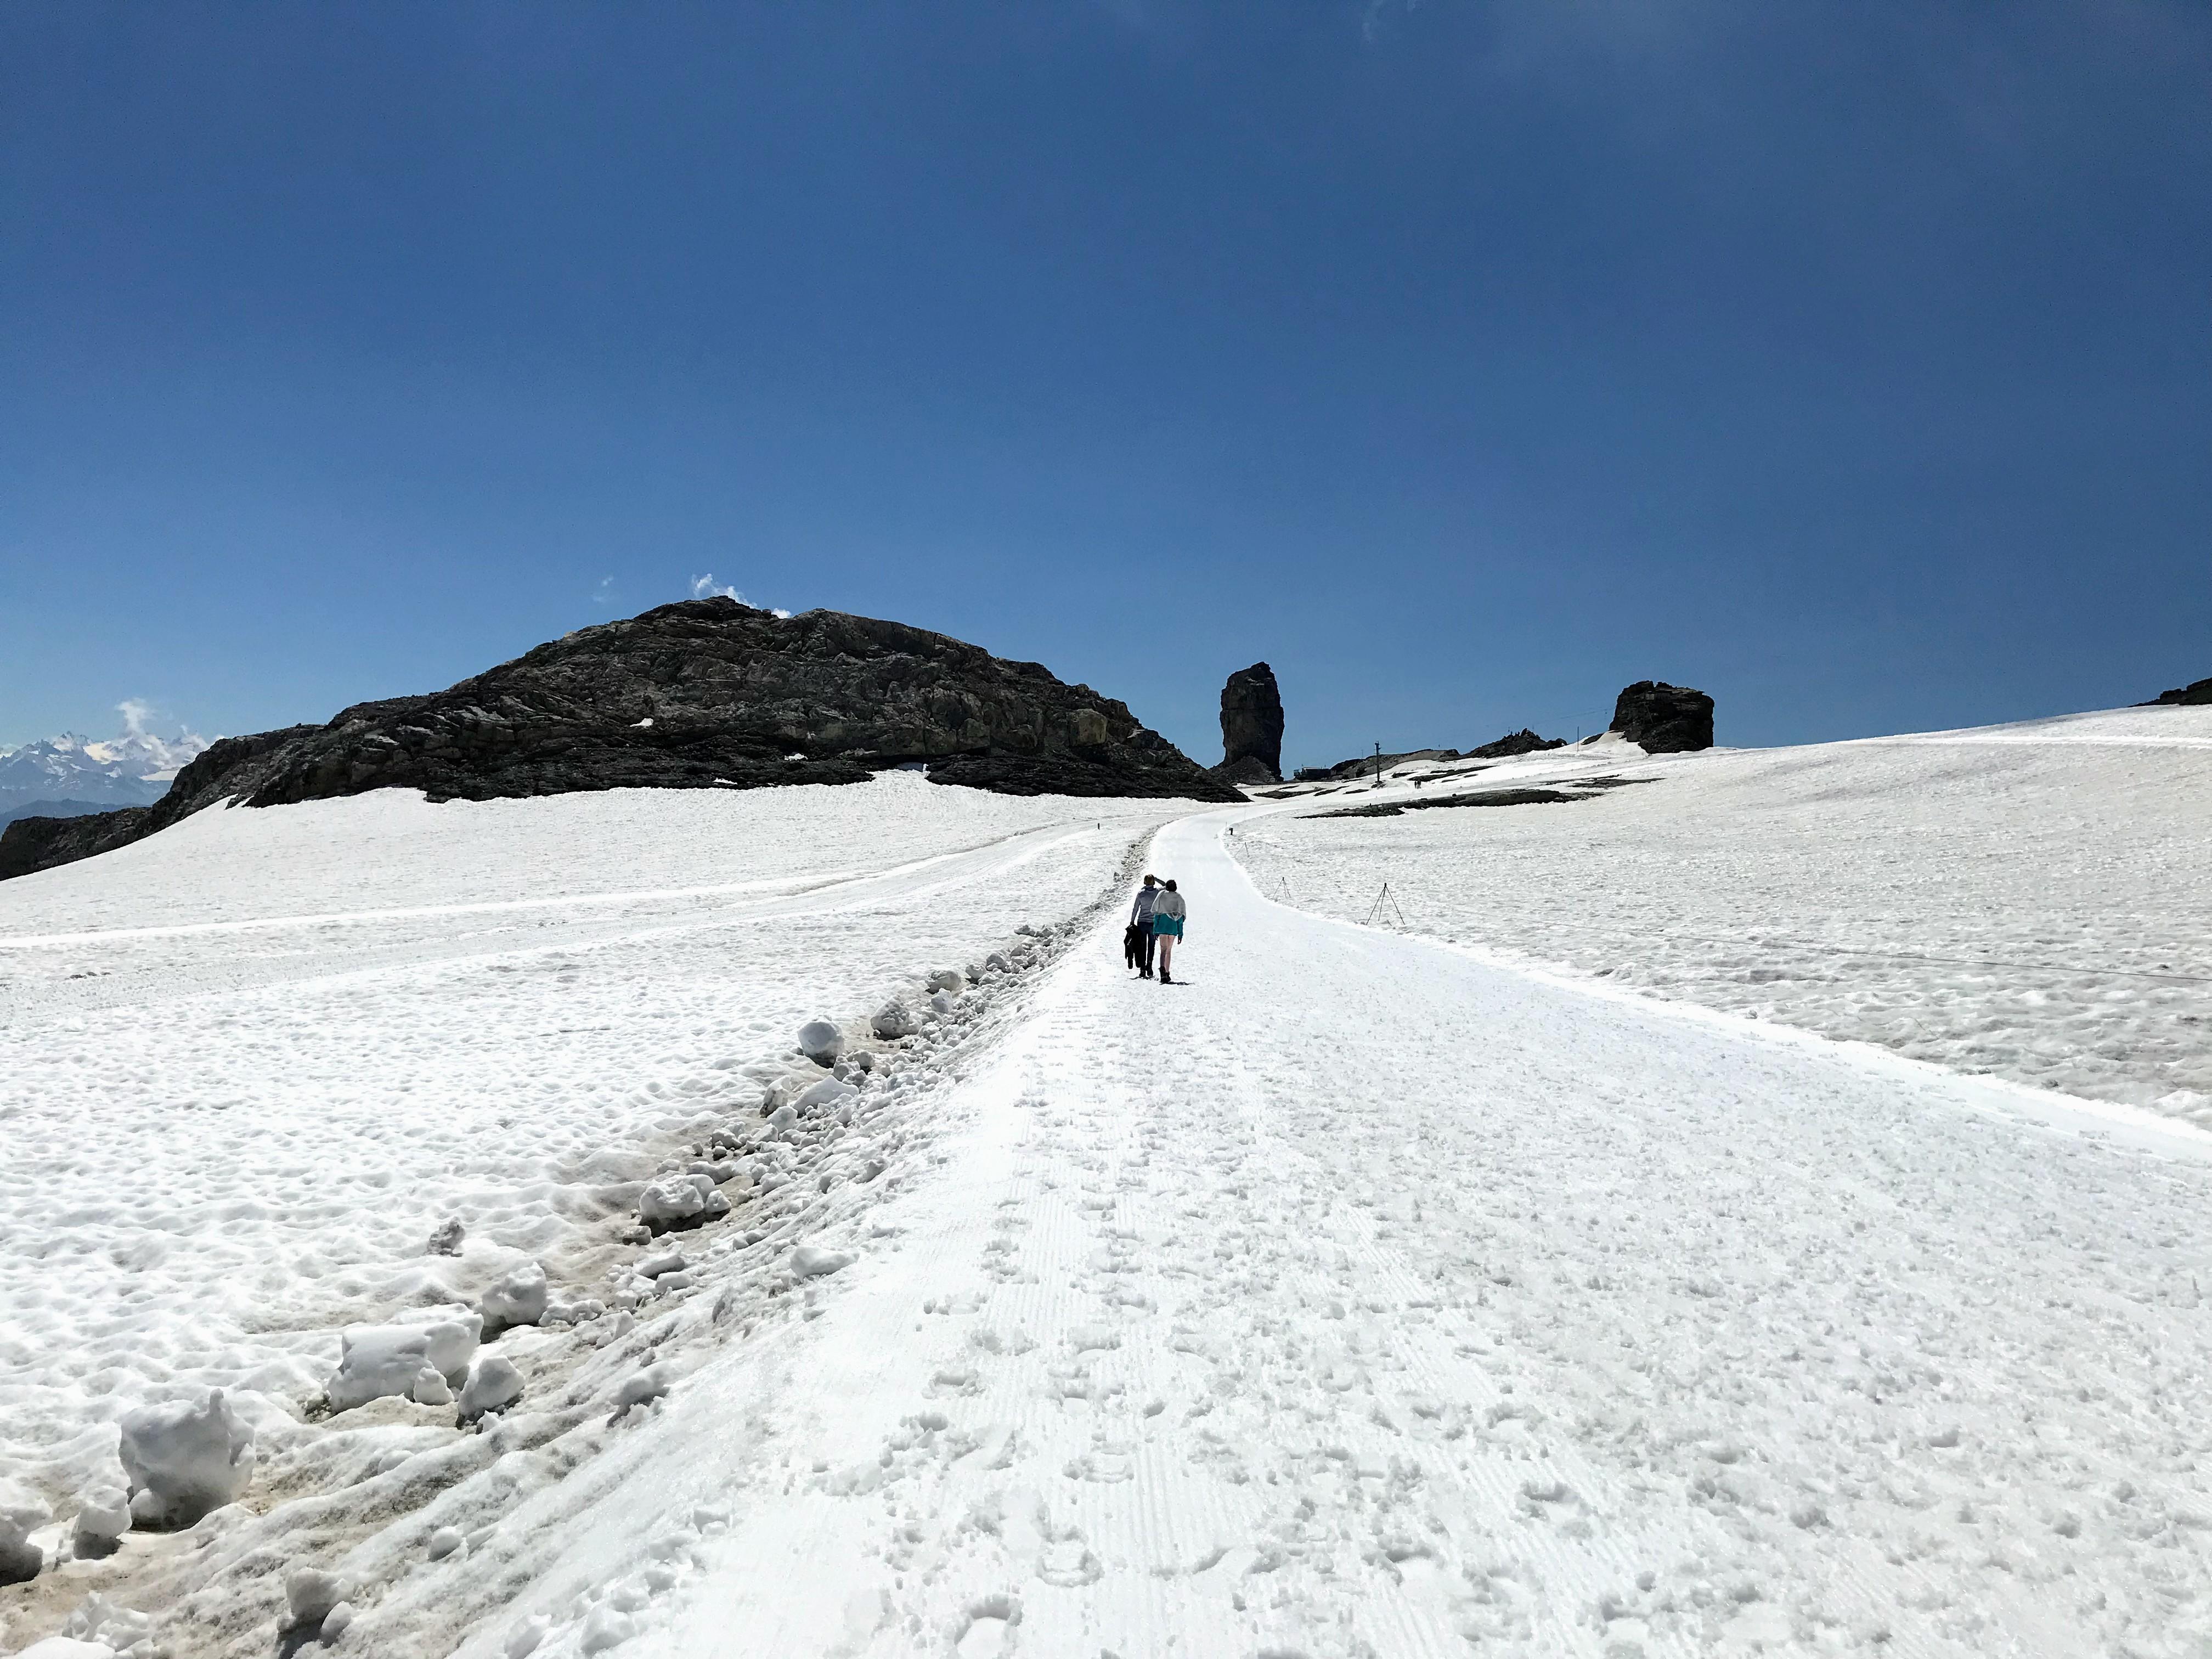 Zomerwandeling in de sneeuw - Glacier 3000 Zwitserland